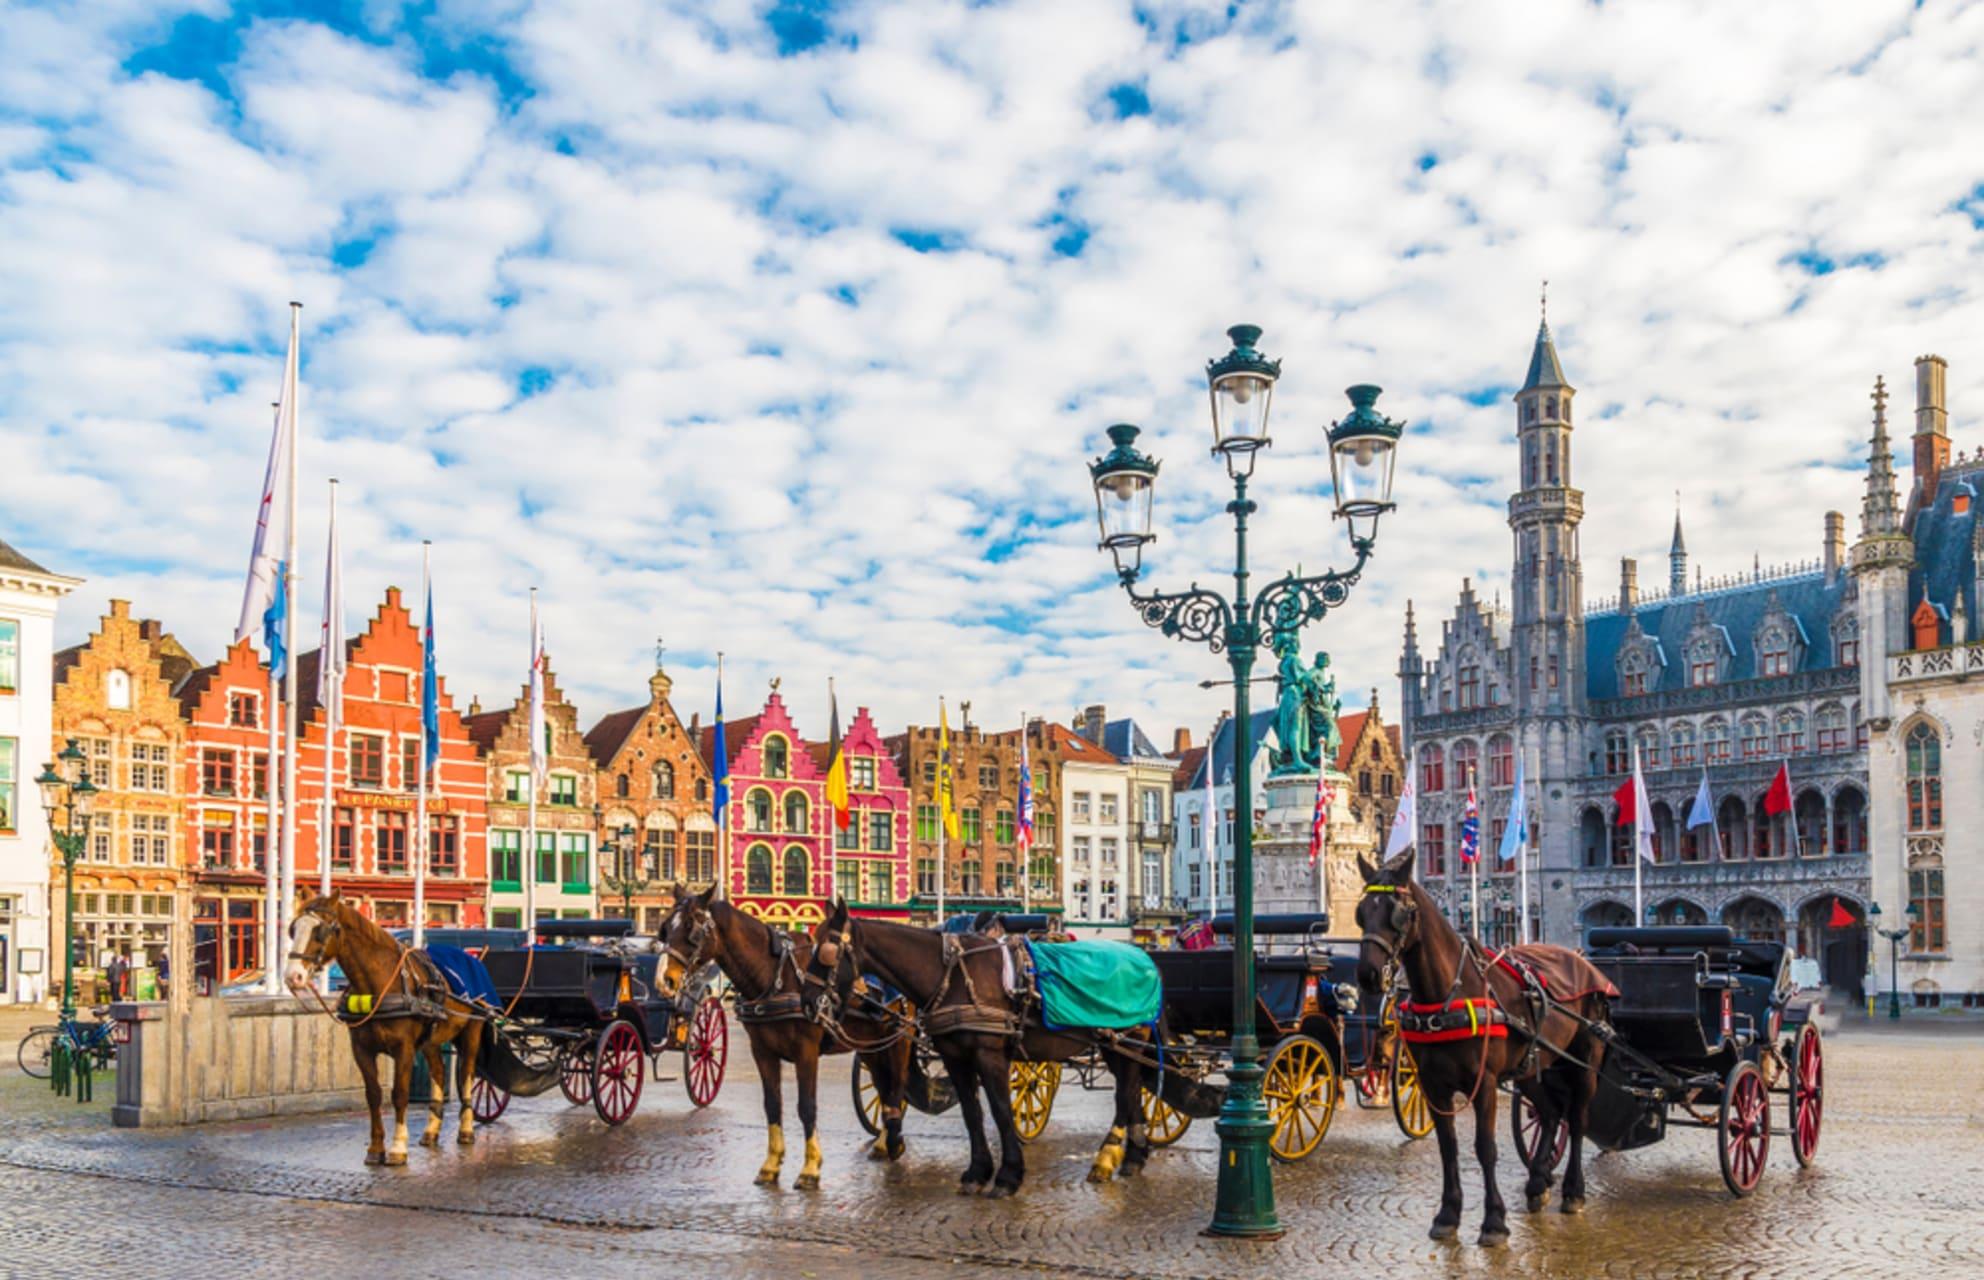 Bruges - Get Lost in Medieval Bruges